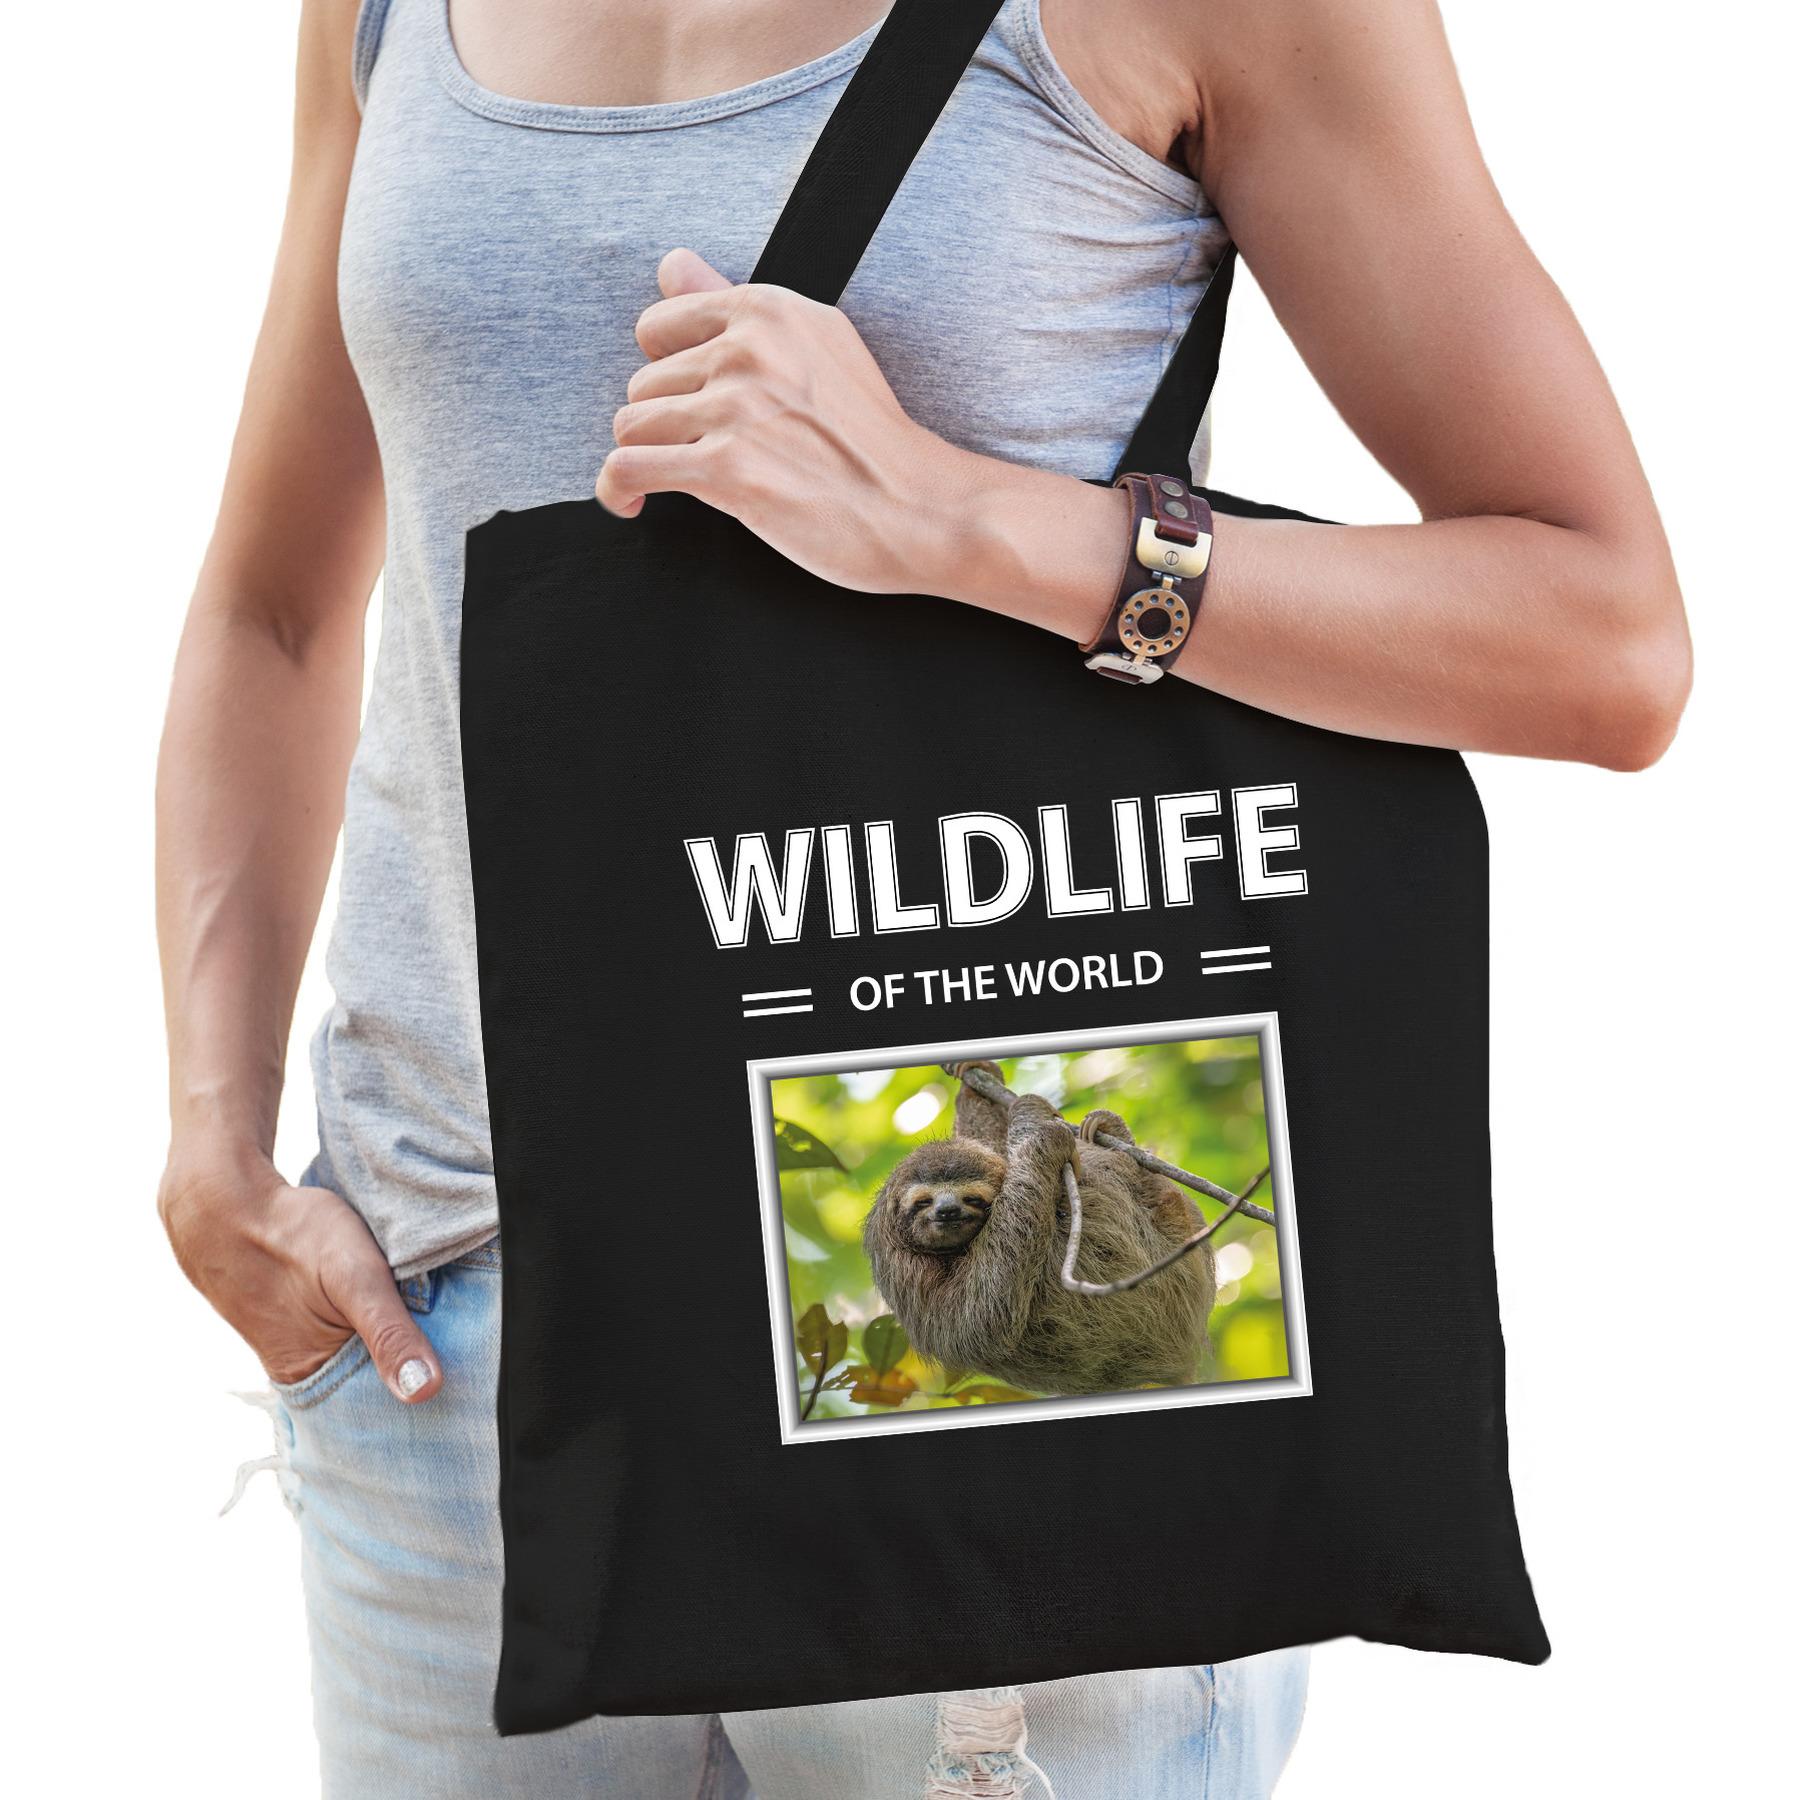 Katoenen tasje Luiaarden zwart - wildlife of the world Luiaard cadeau tas